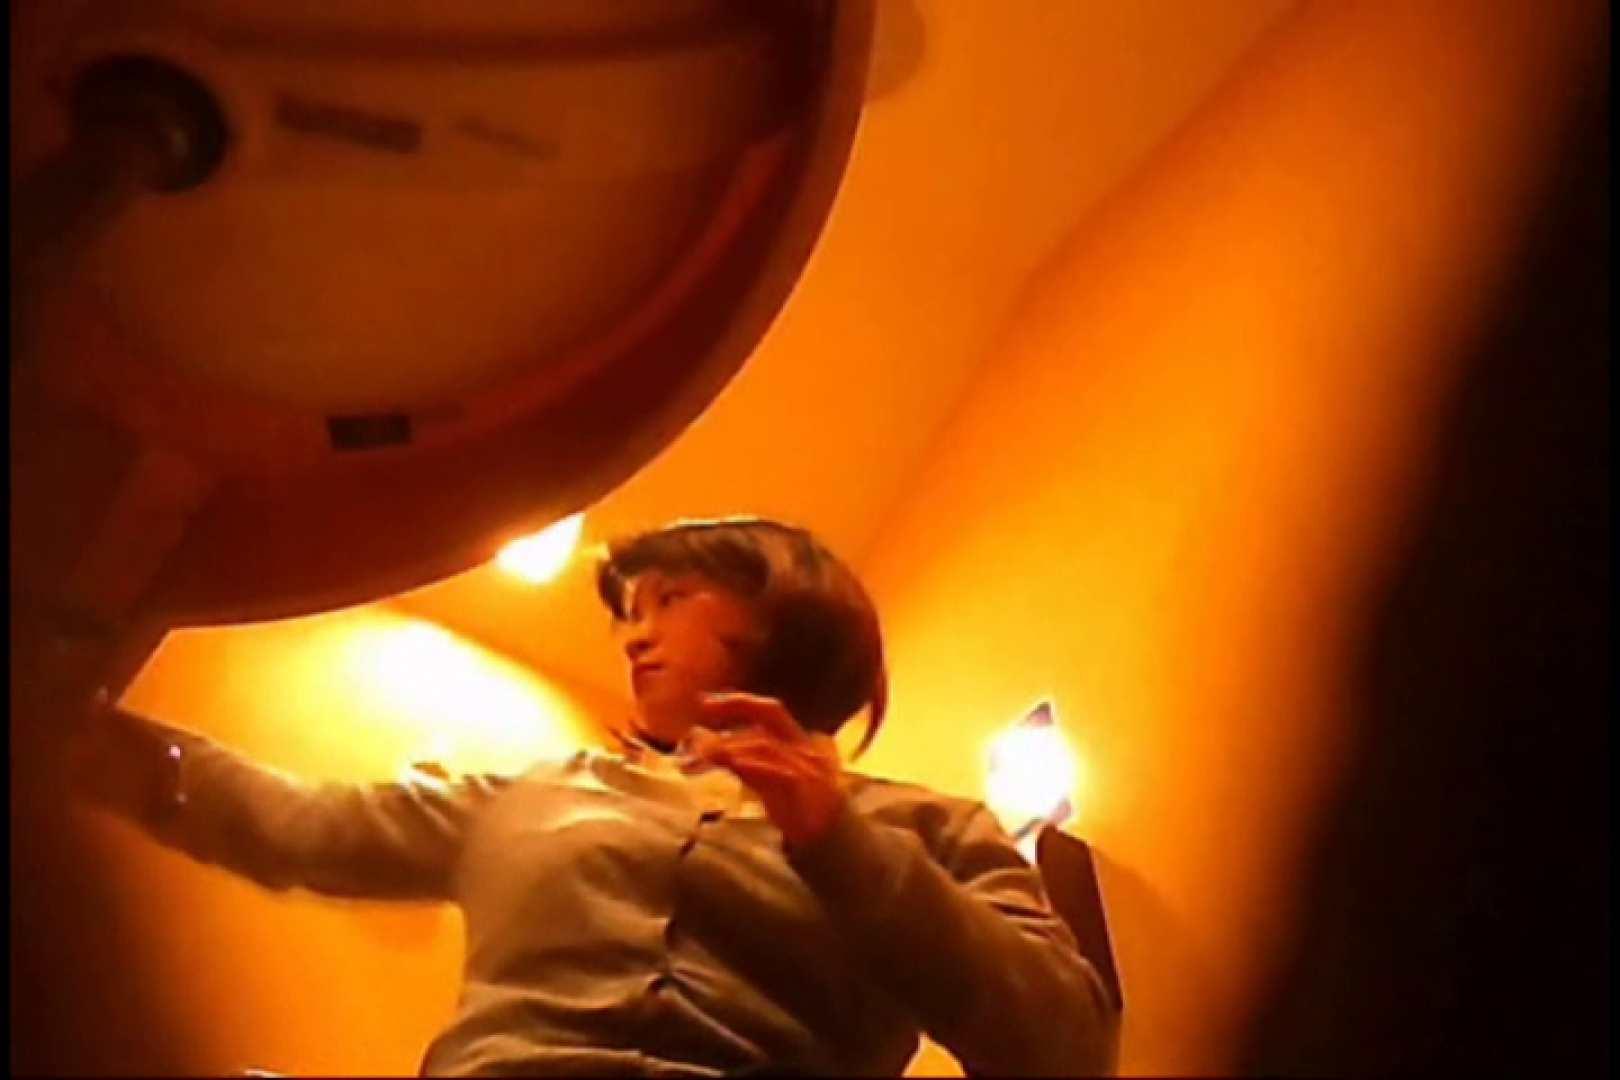 画質向上!新亀さん厠 vol.75 黄金水 セックス無修正動画無料 56枚 17